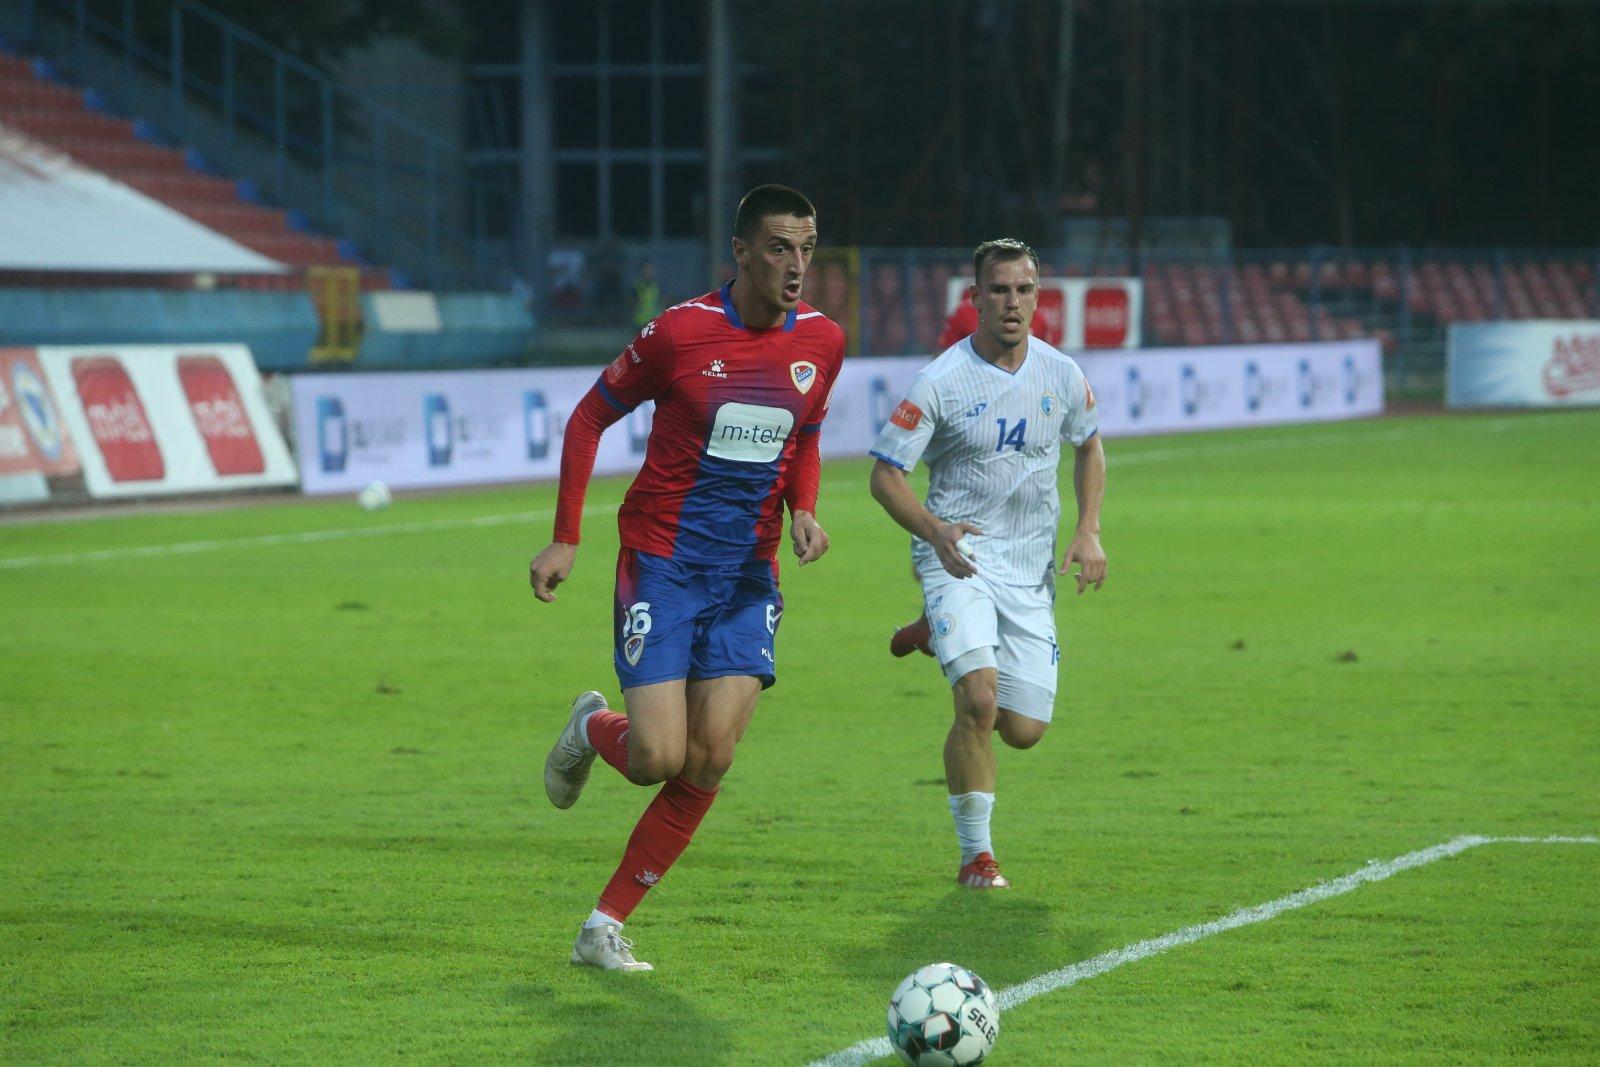 Goran Šurlan/RAS Srbija